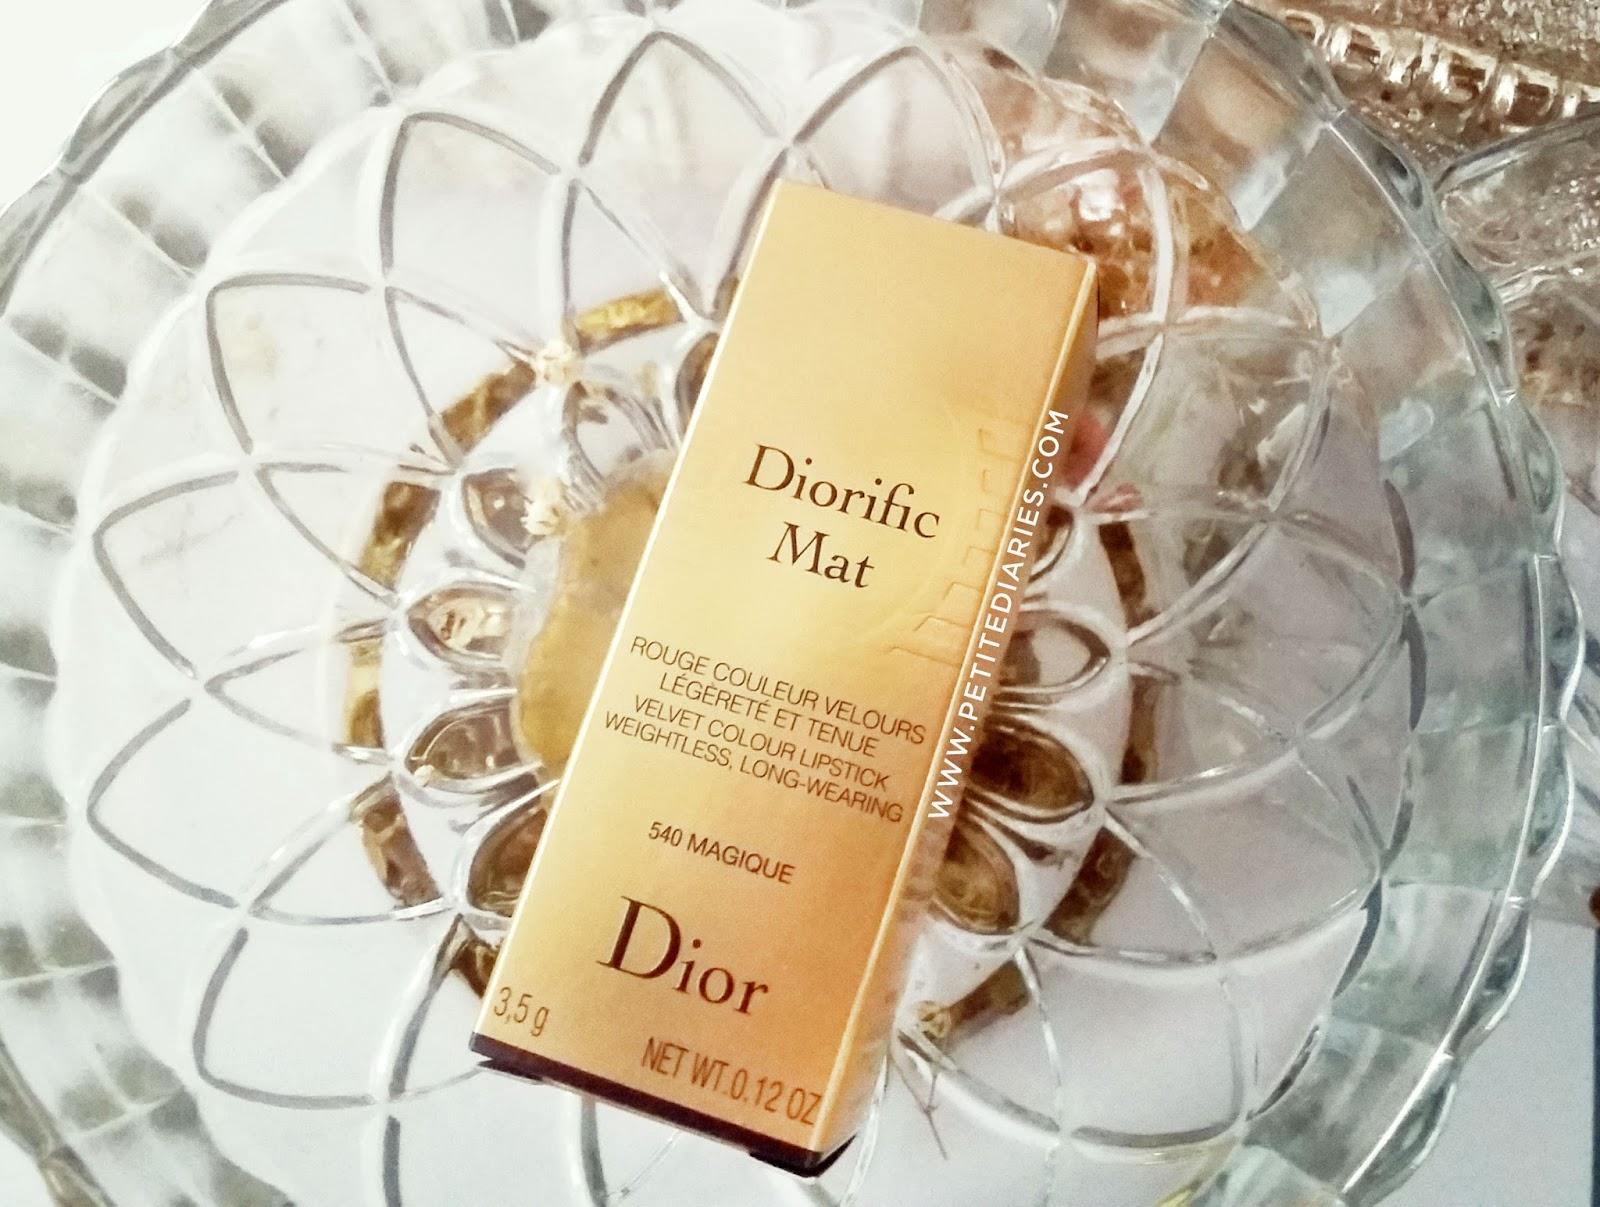 dior diorific mat magique lipstick review